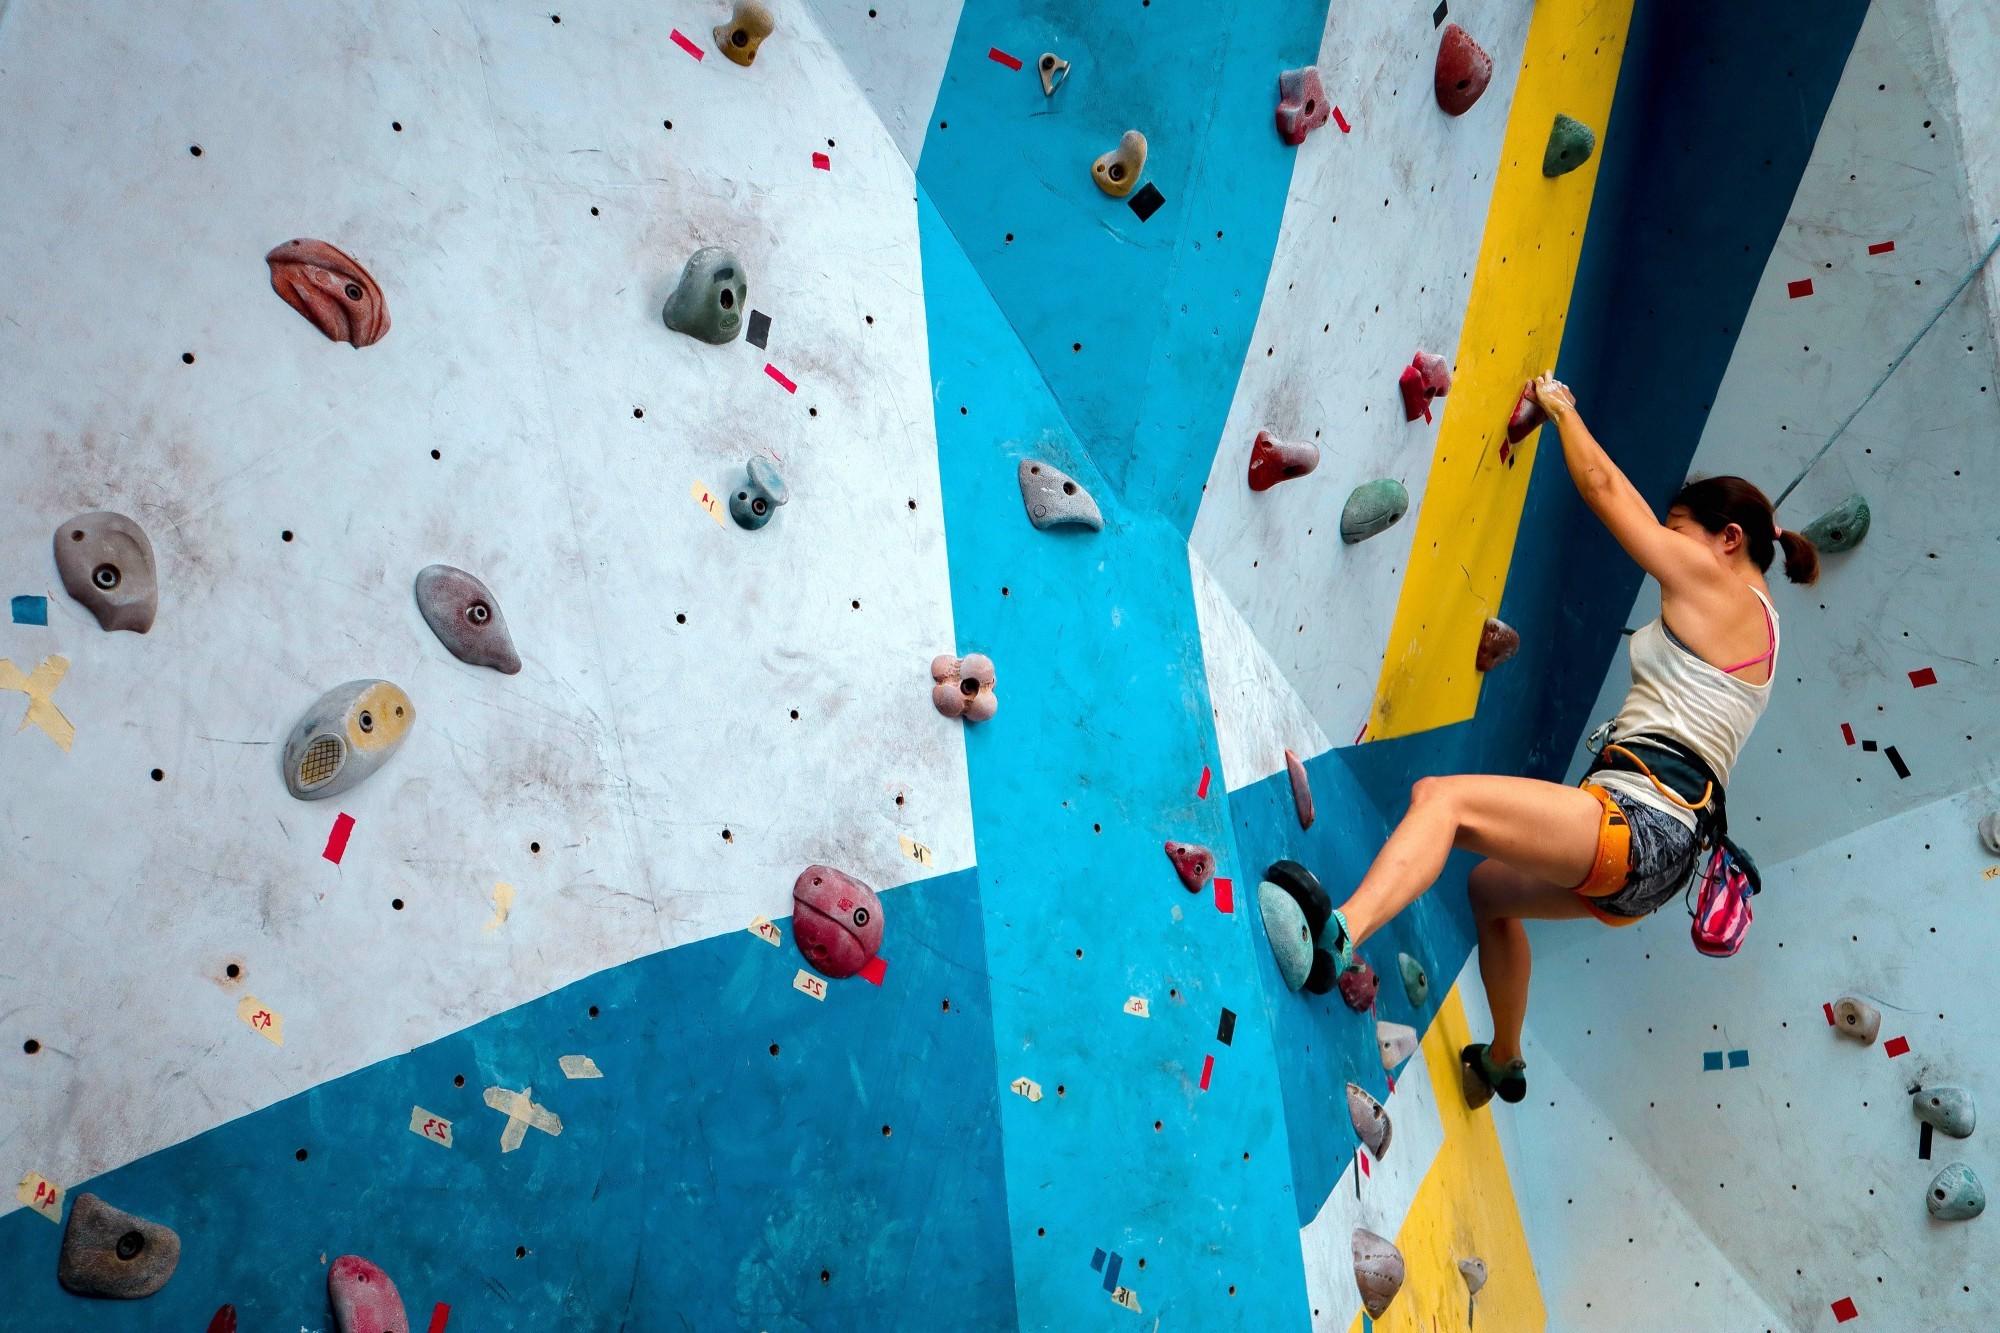 【台北攀岩場推薦】人氣室內攀岩抱石體驗,給新手的台北攀岩場地整理